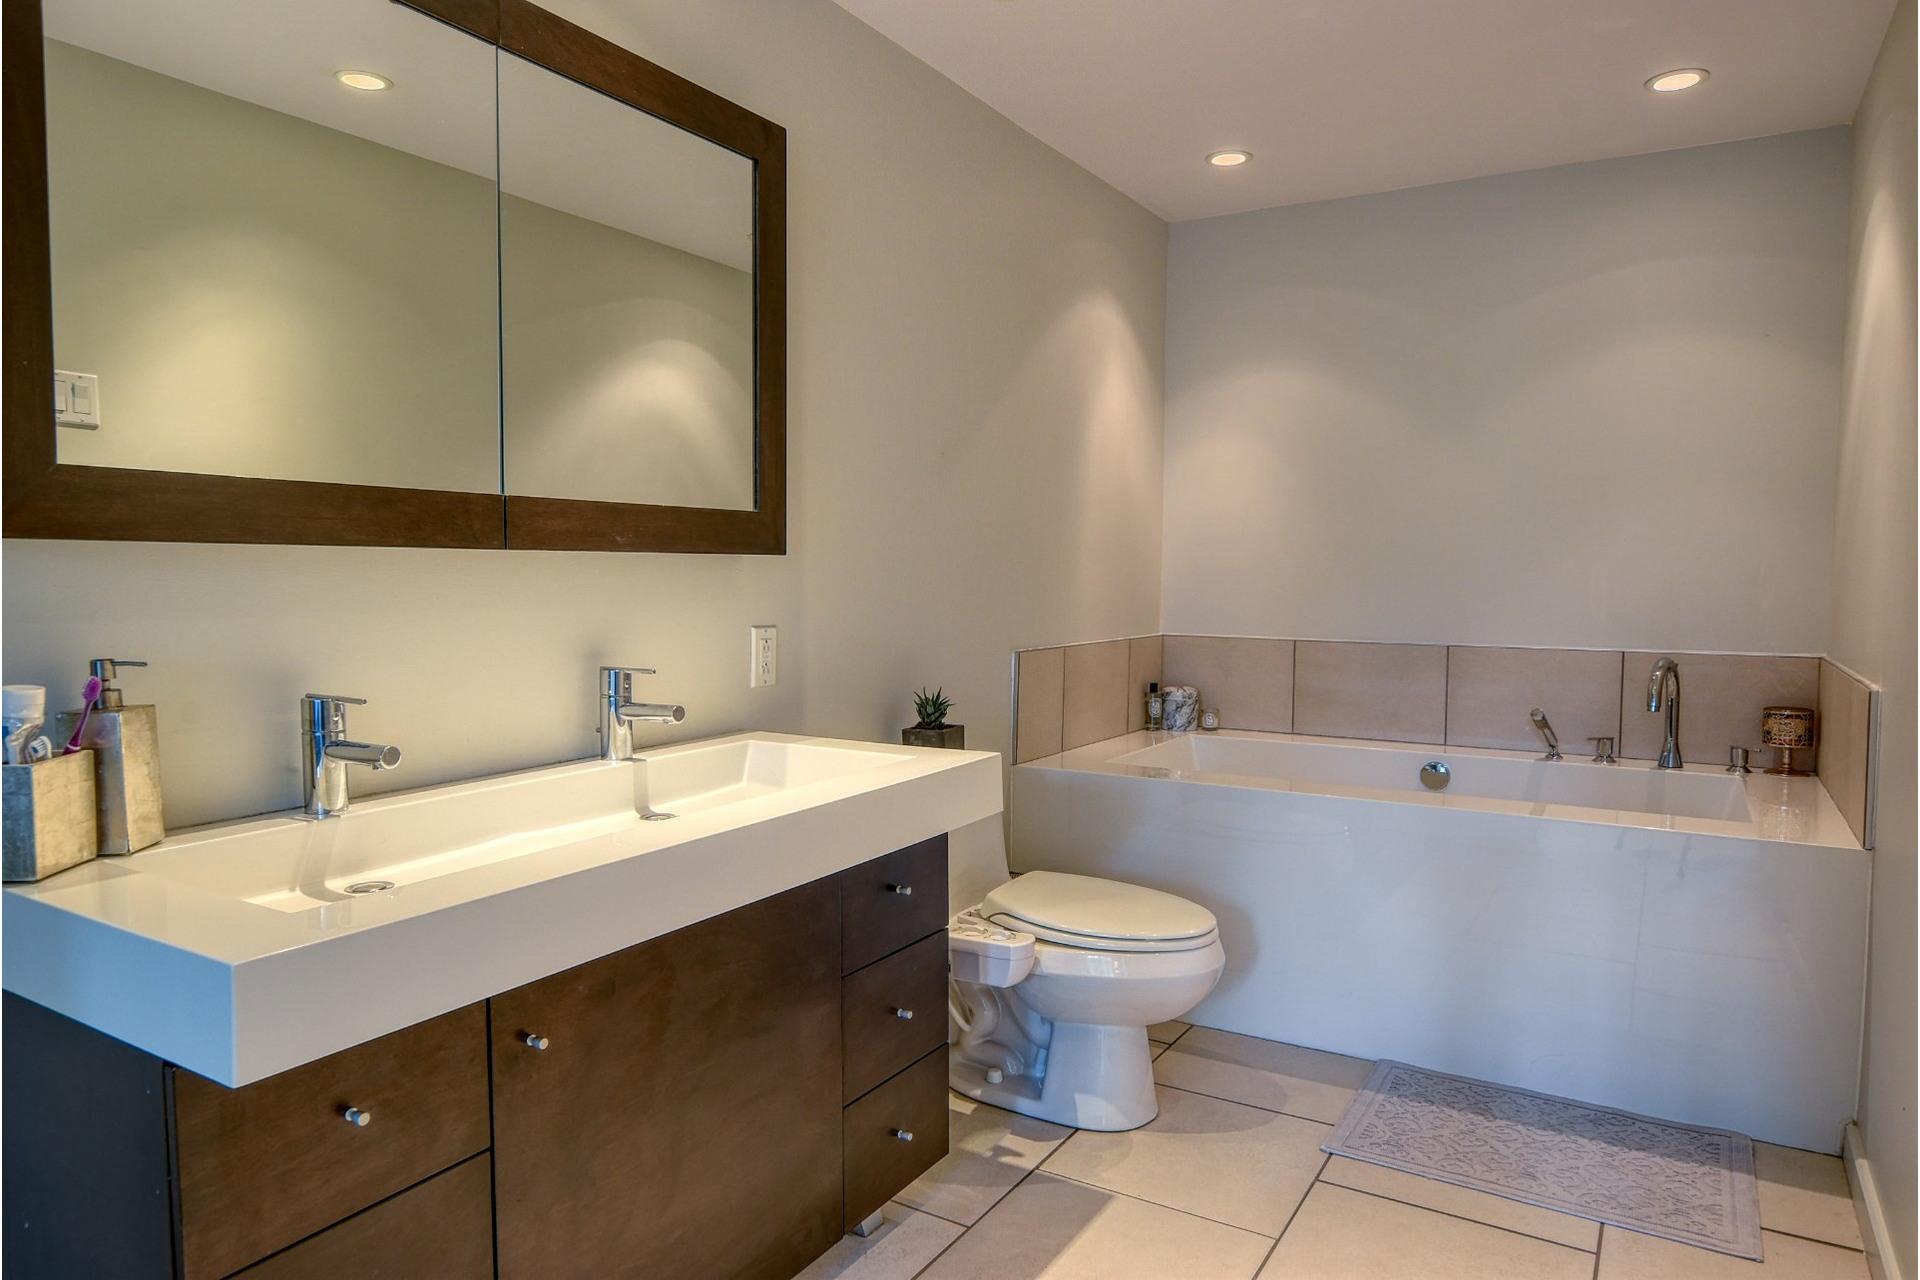 image 14 - Appartement À vendre Verdun/Île-des-Soeurs Montréal  - 4 pièces